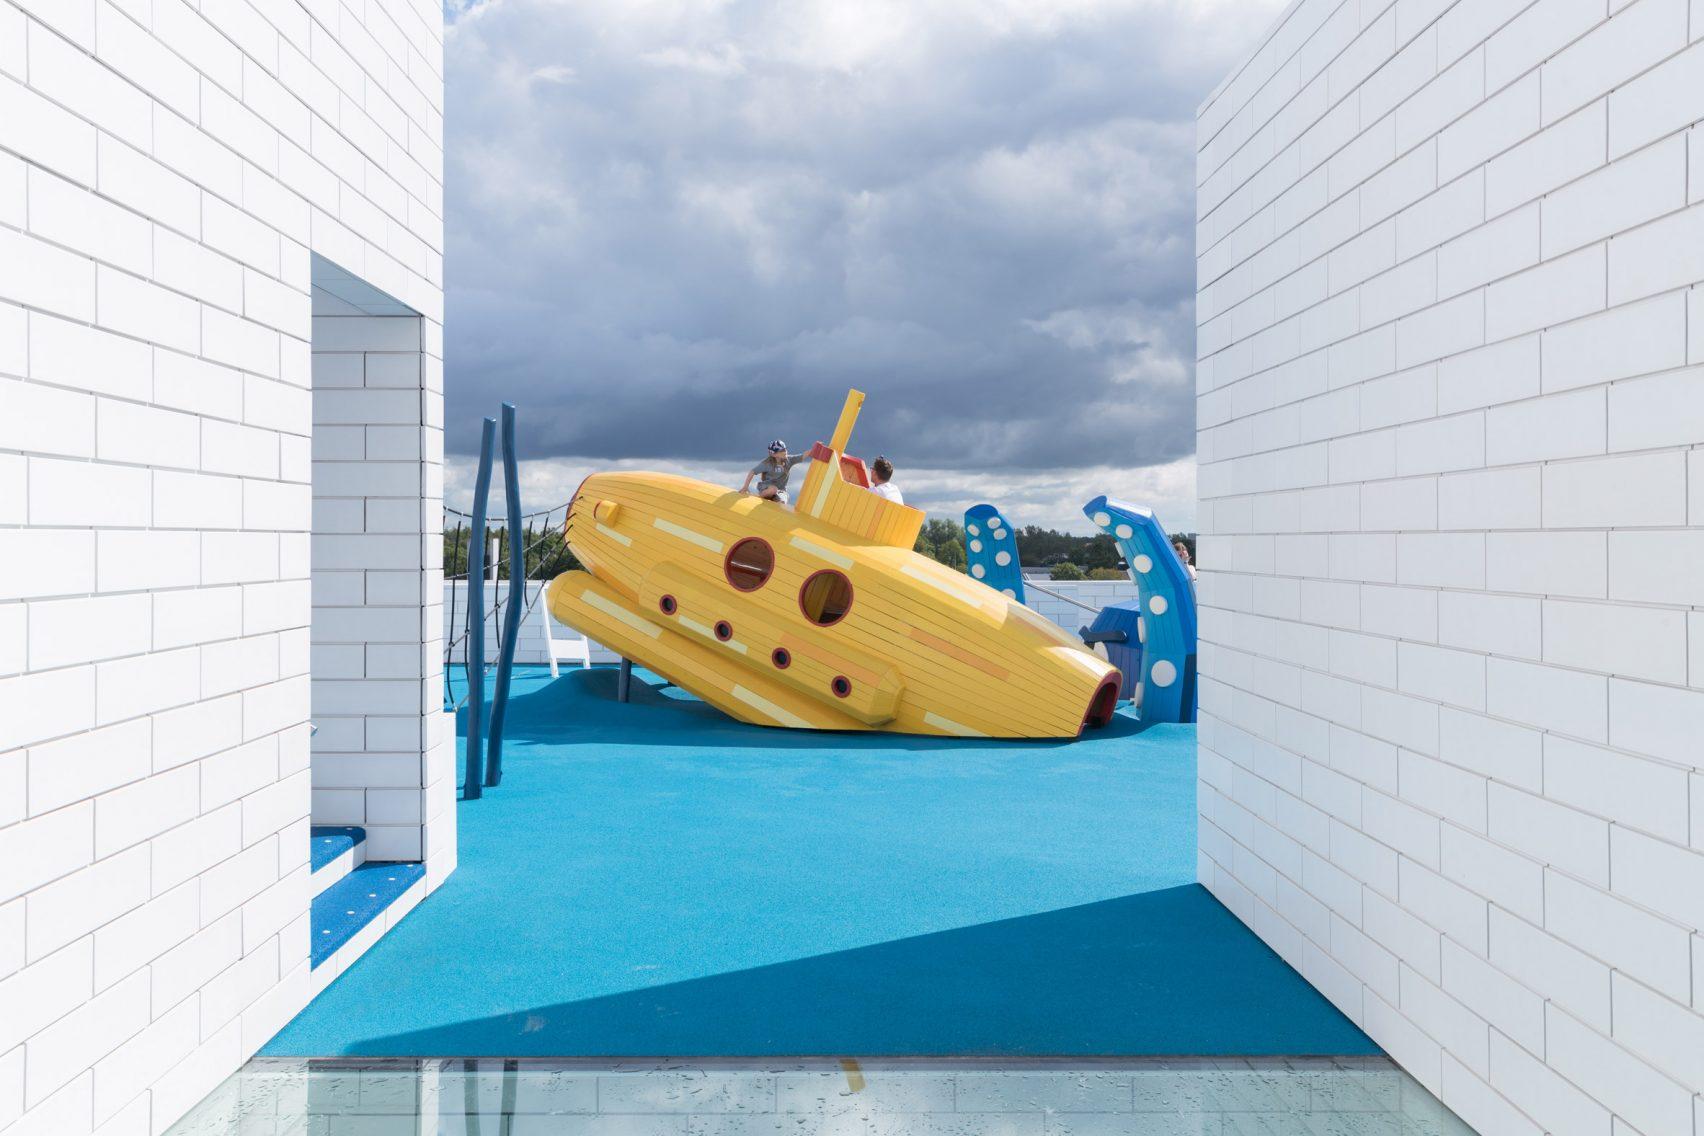 lego-house-big-photographs-iwan-baan-billund-denmark-architecture_dezeen_2364_col_1-1704x1136.jpg